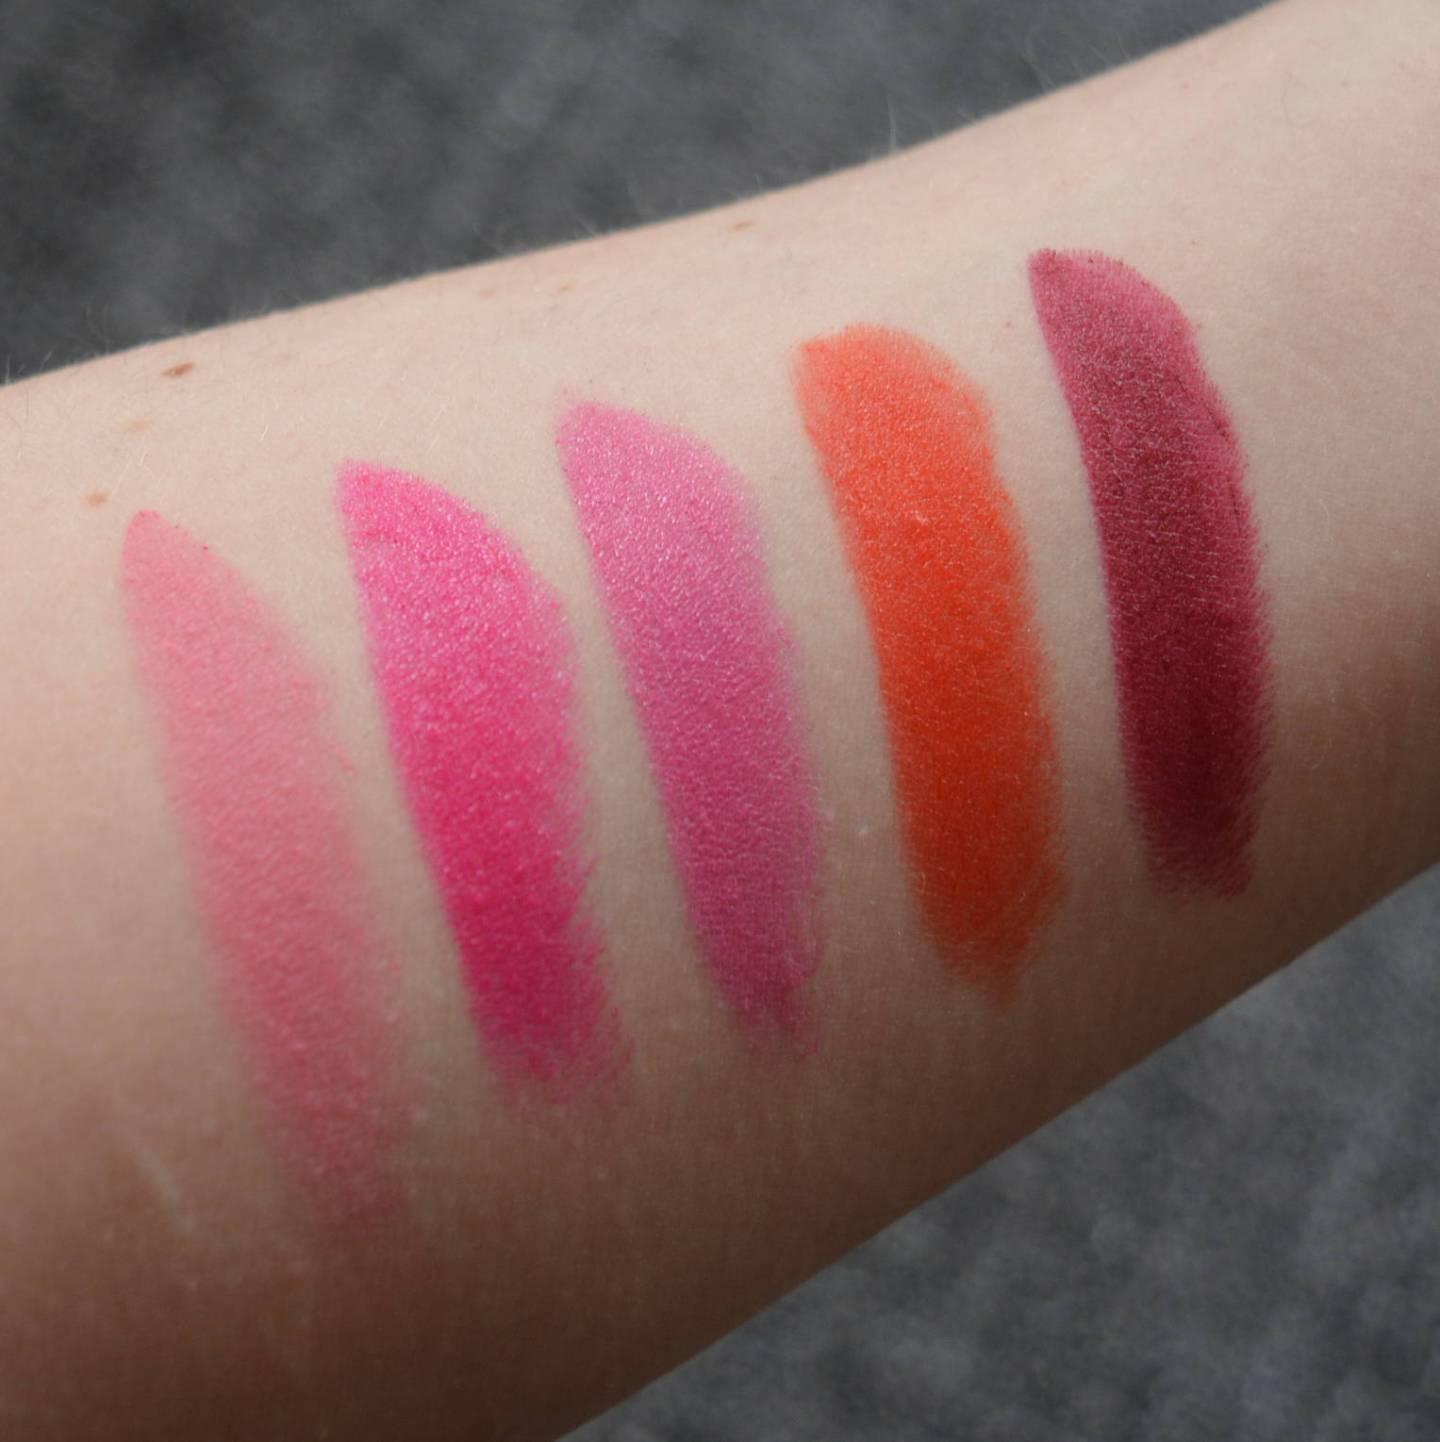 L'Oréal Paris Color Riche 30 Years Lipstick Collection